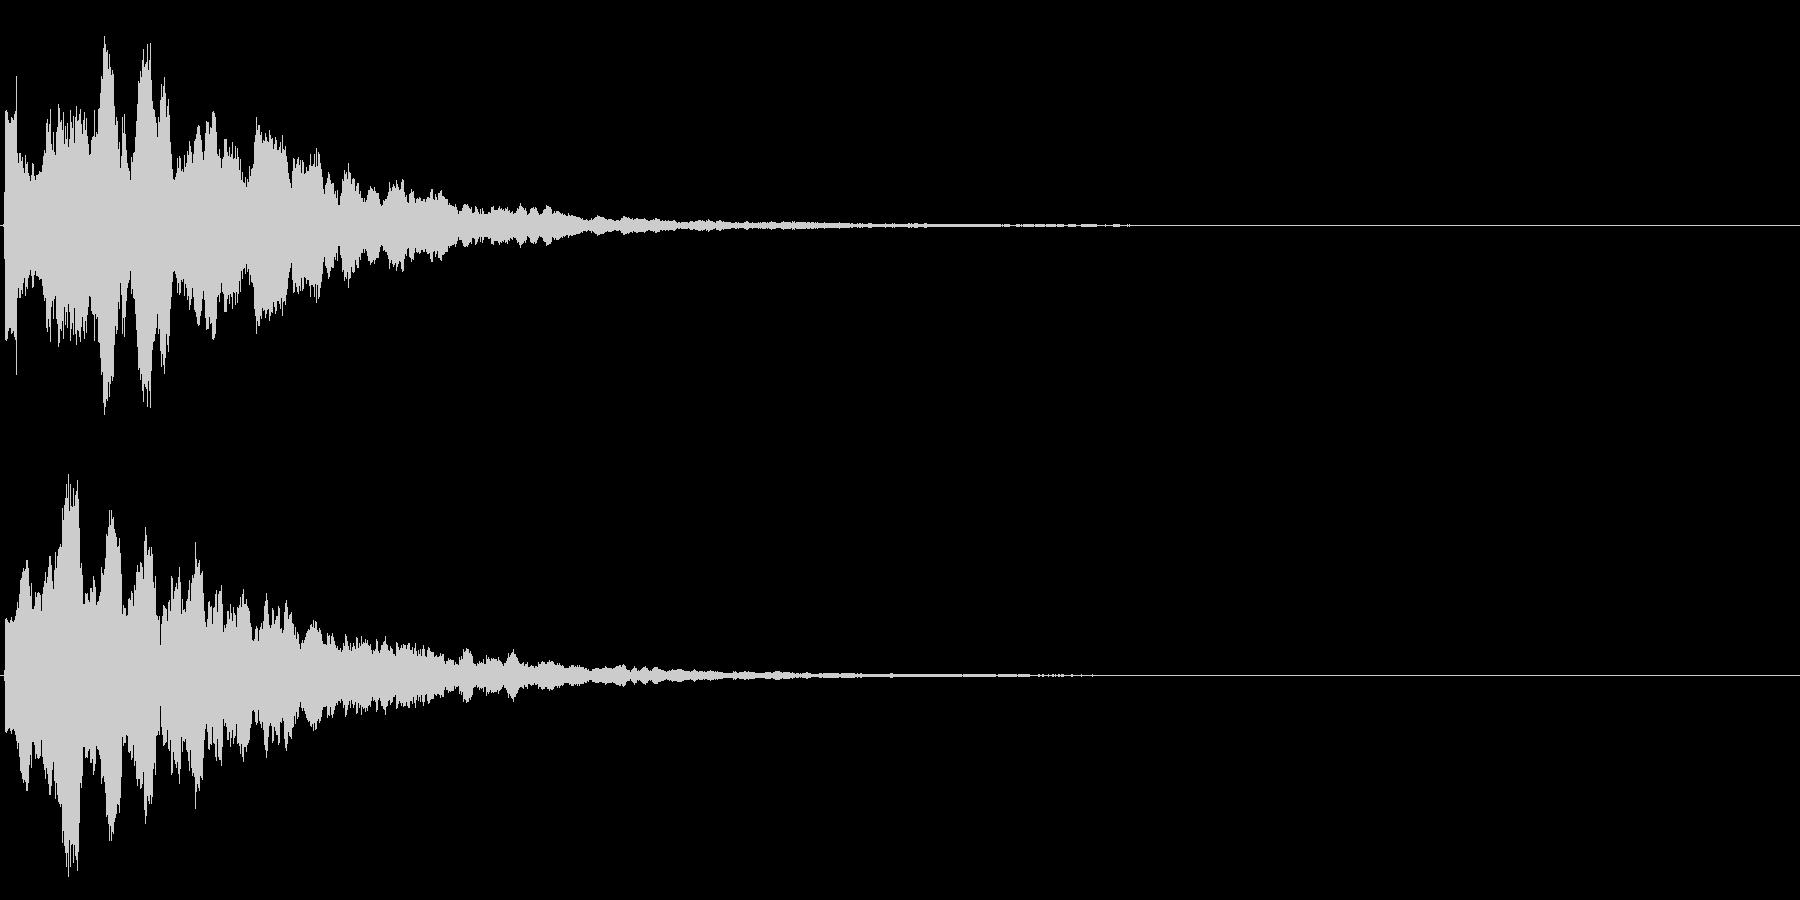 ゲームスタート、決定、ボタン音-054の未再生の波形